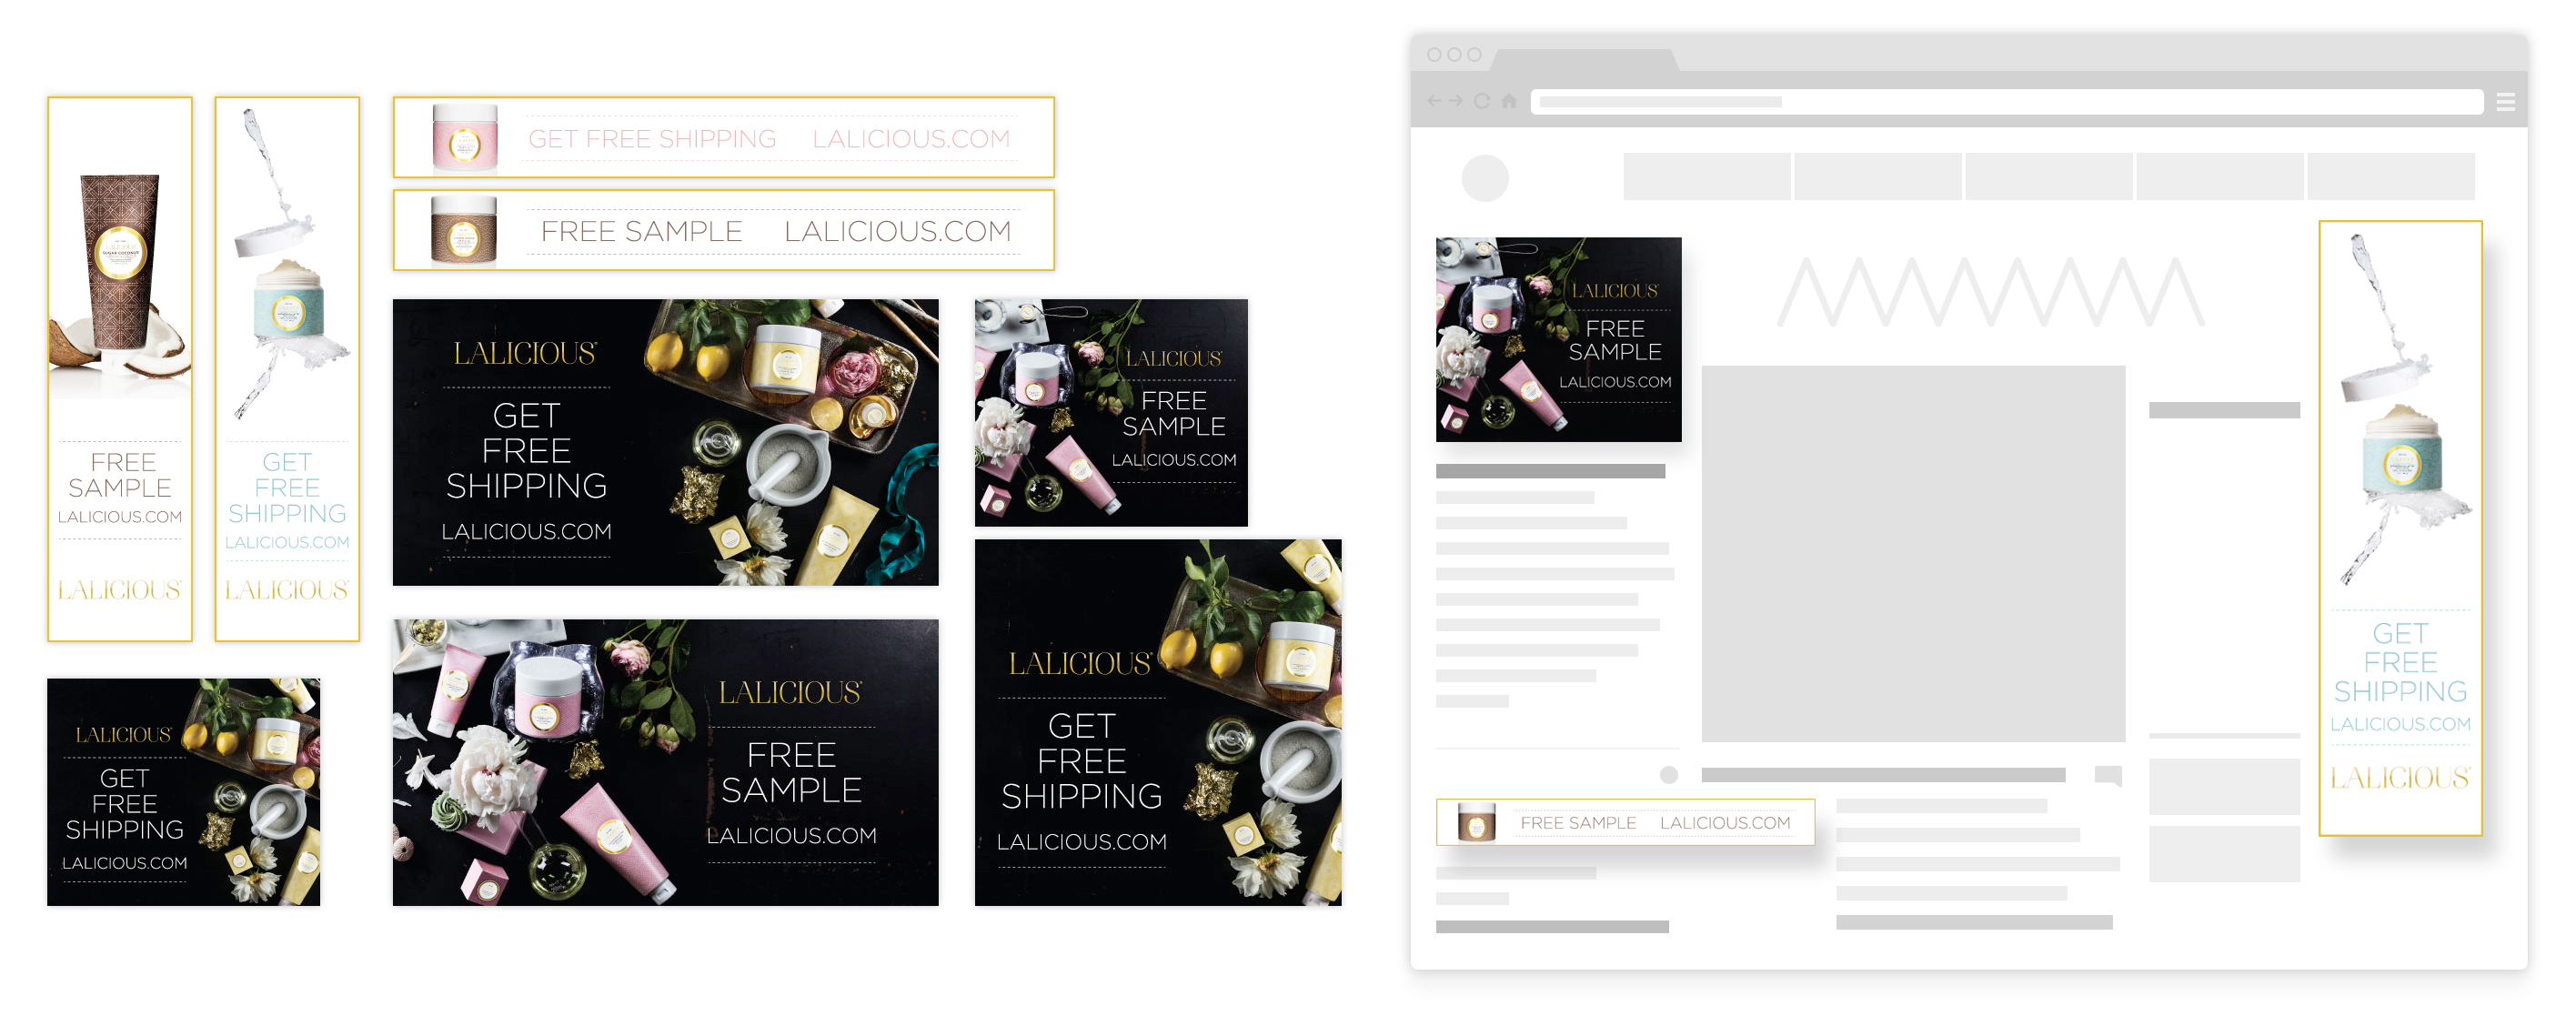 marq-graphic-design-retargeting